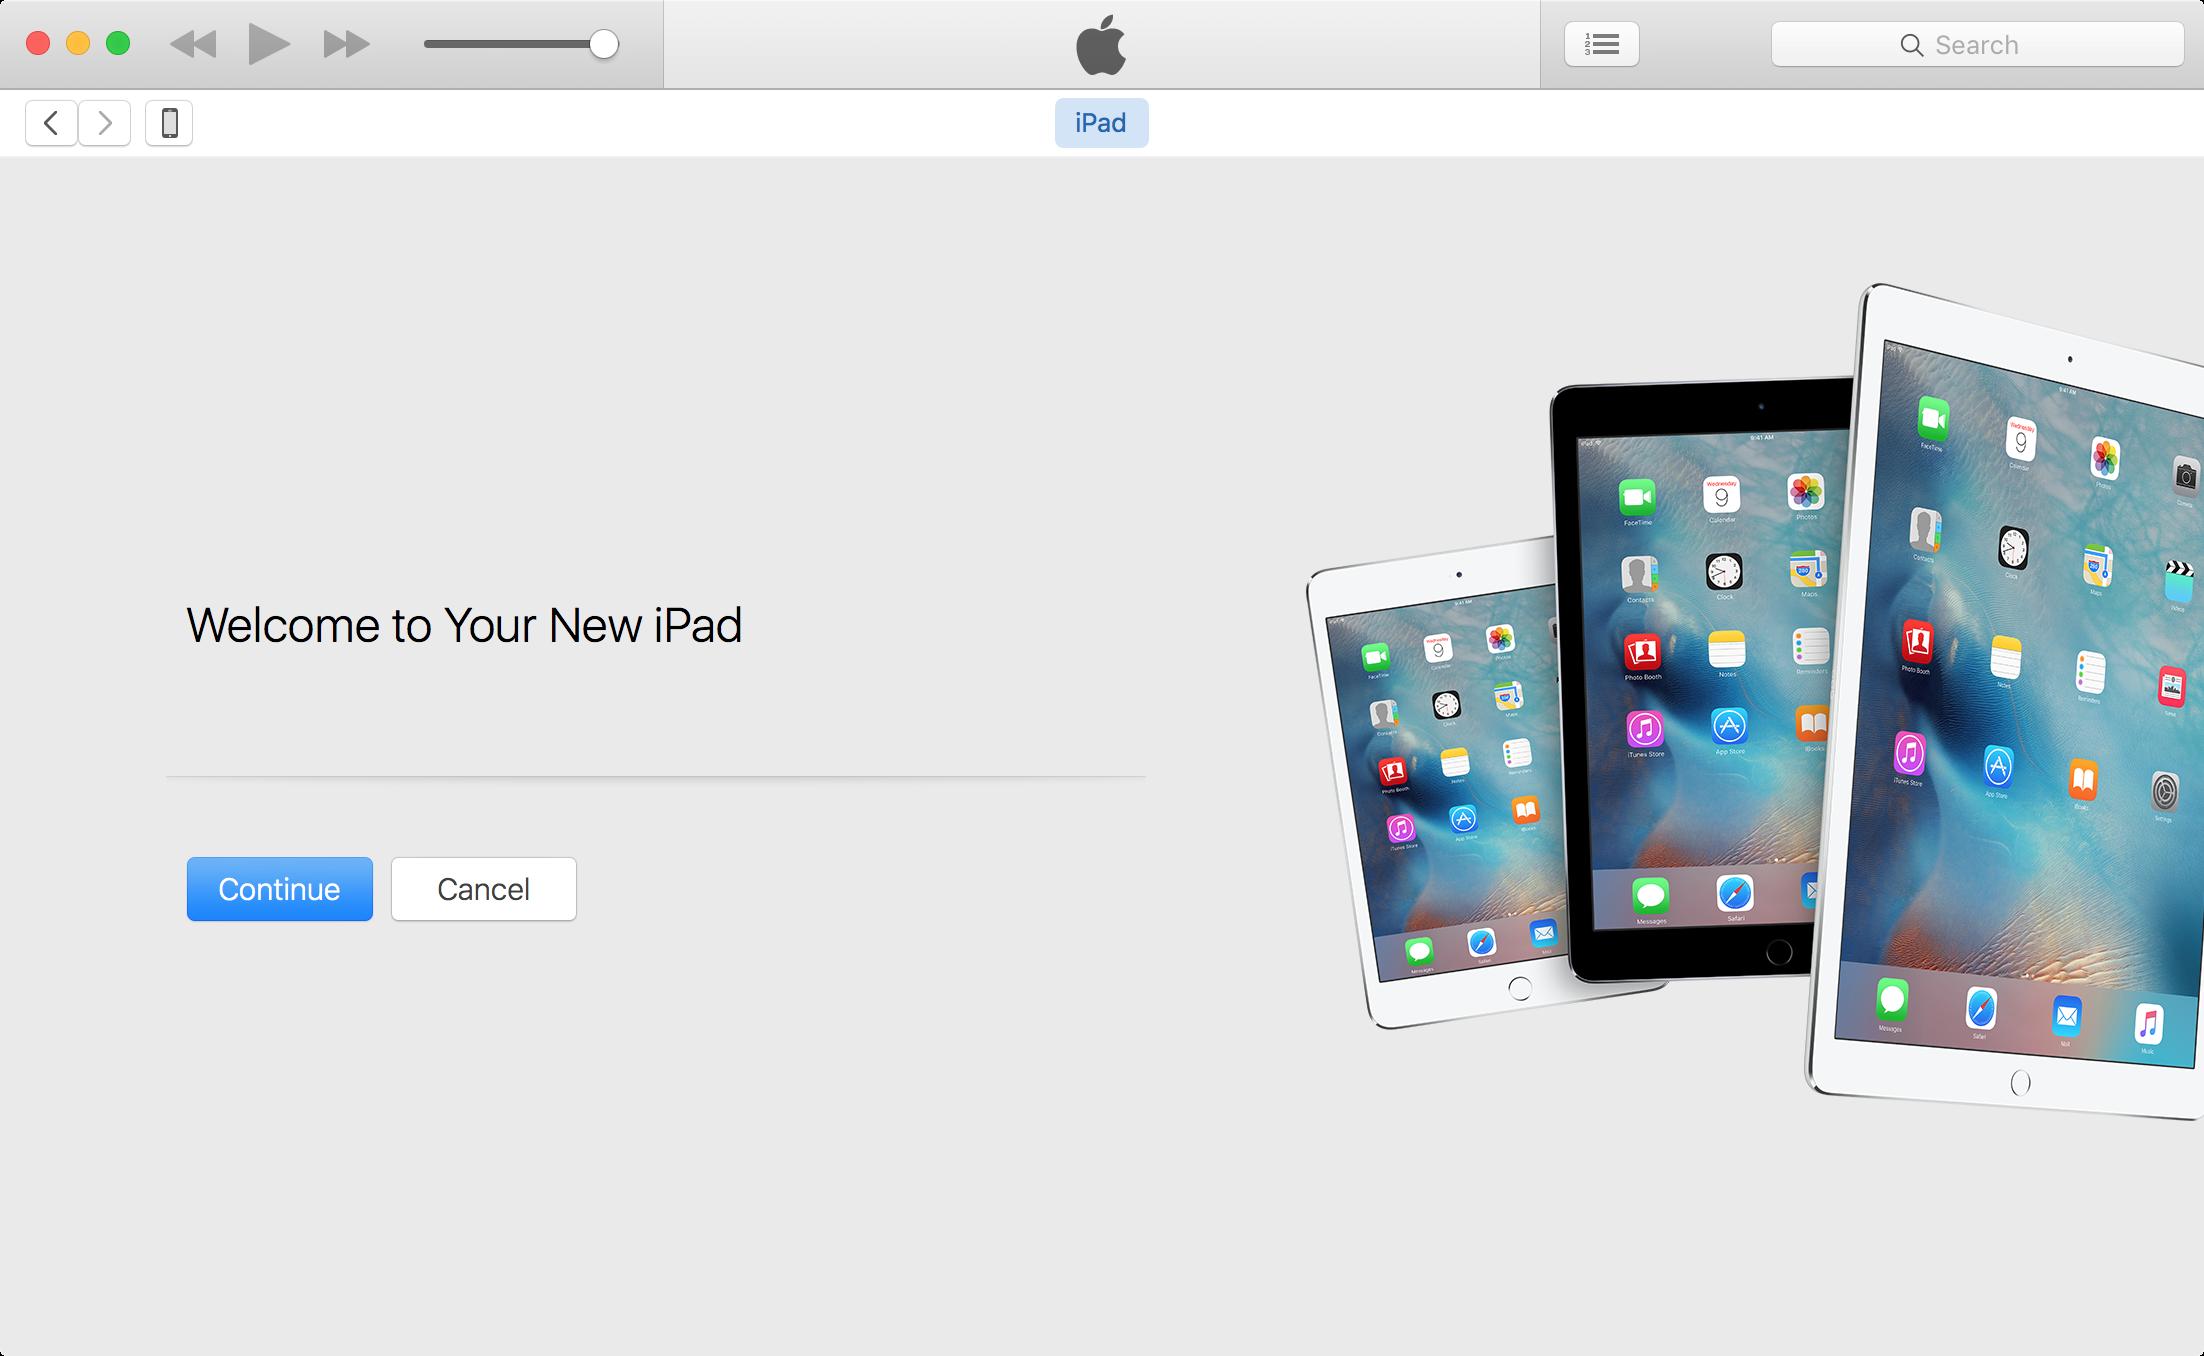 iTunes app continue restore